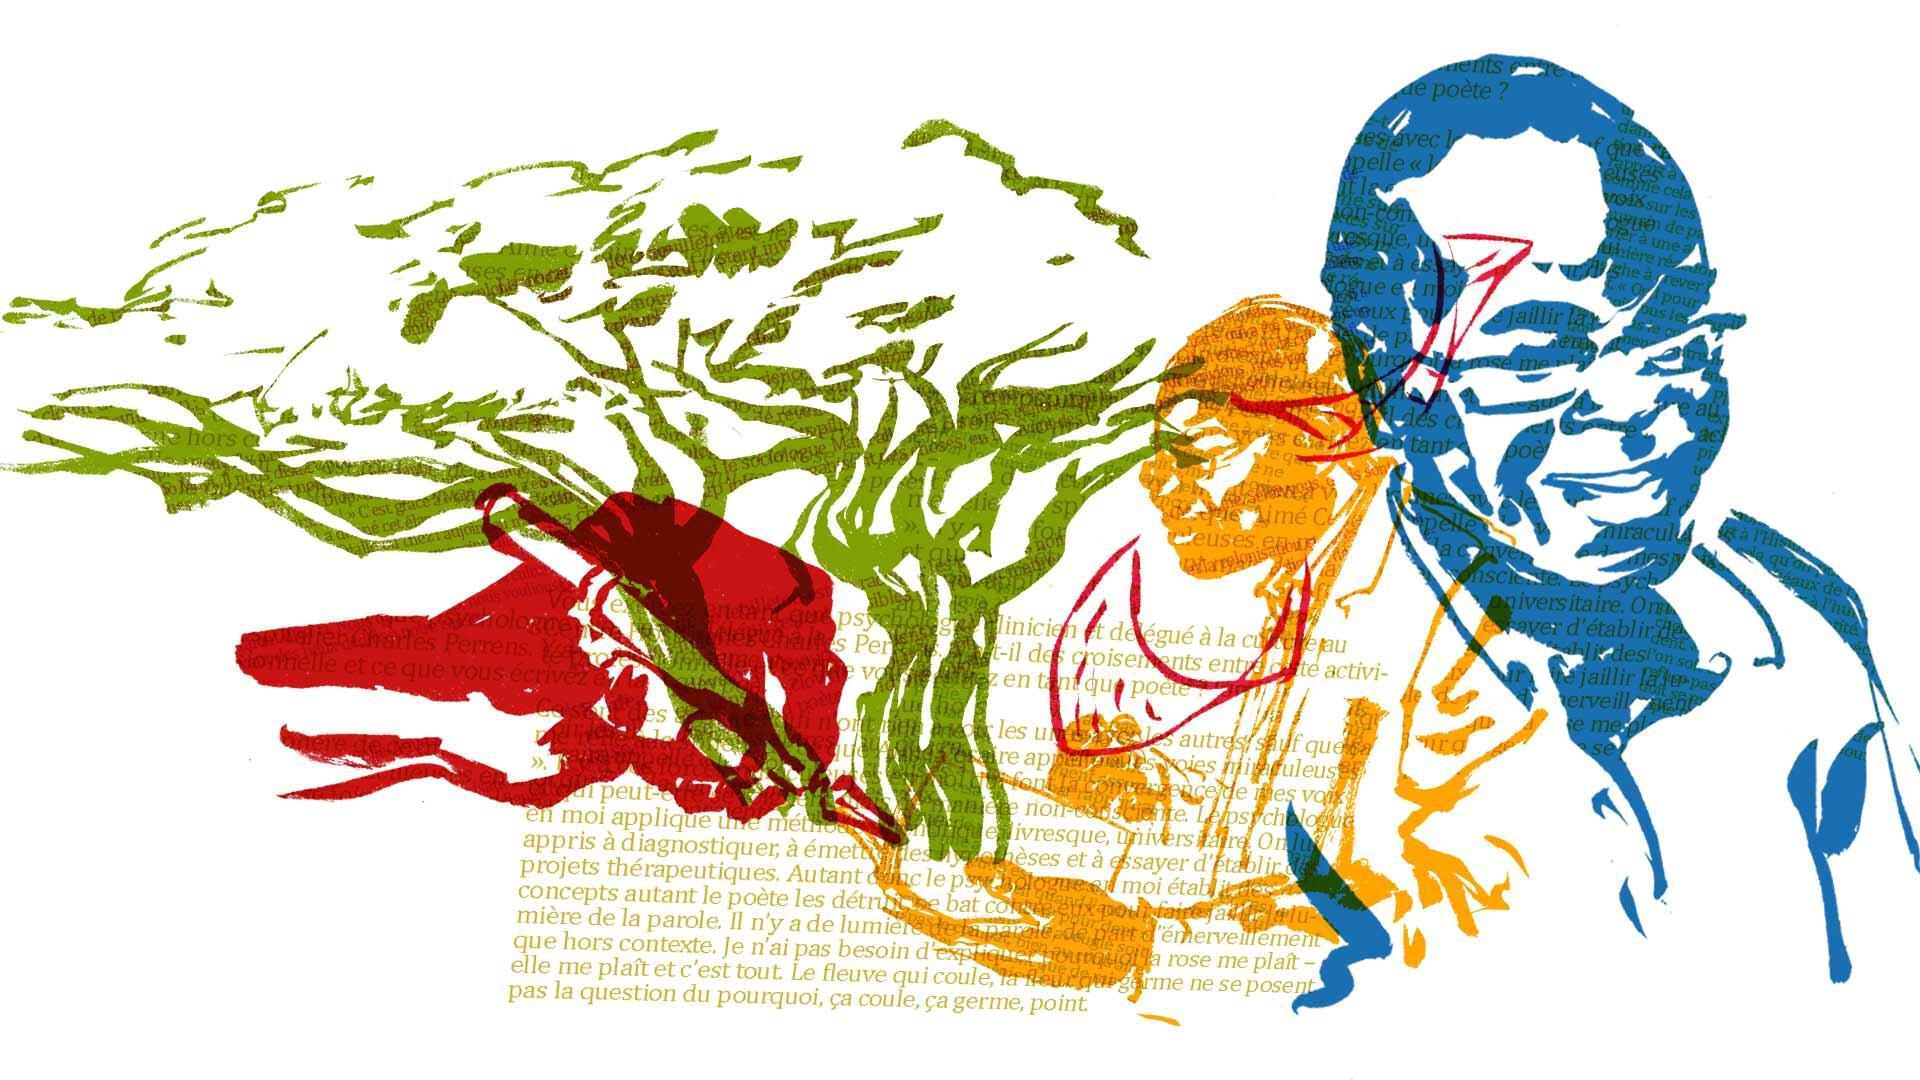 Présences, noires, sud-ouest, fraternité, racisme, ségrégation, droits de l'homme, Luther King, Revue Far Ouest, long-format, histoire, black history, Bordeaux, Lamine Sanghor, tirailleurs senegalais, CDRN, Comité de Défense de la Race Nègre, Blaise Diagne, colonie, colonisation, René Maran, Philippe Dewitte, Bordeaux, Okoundji